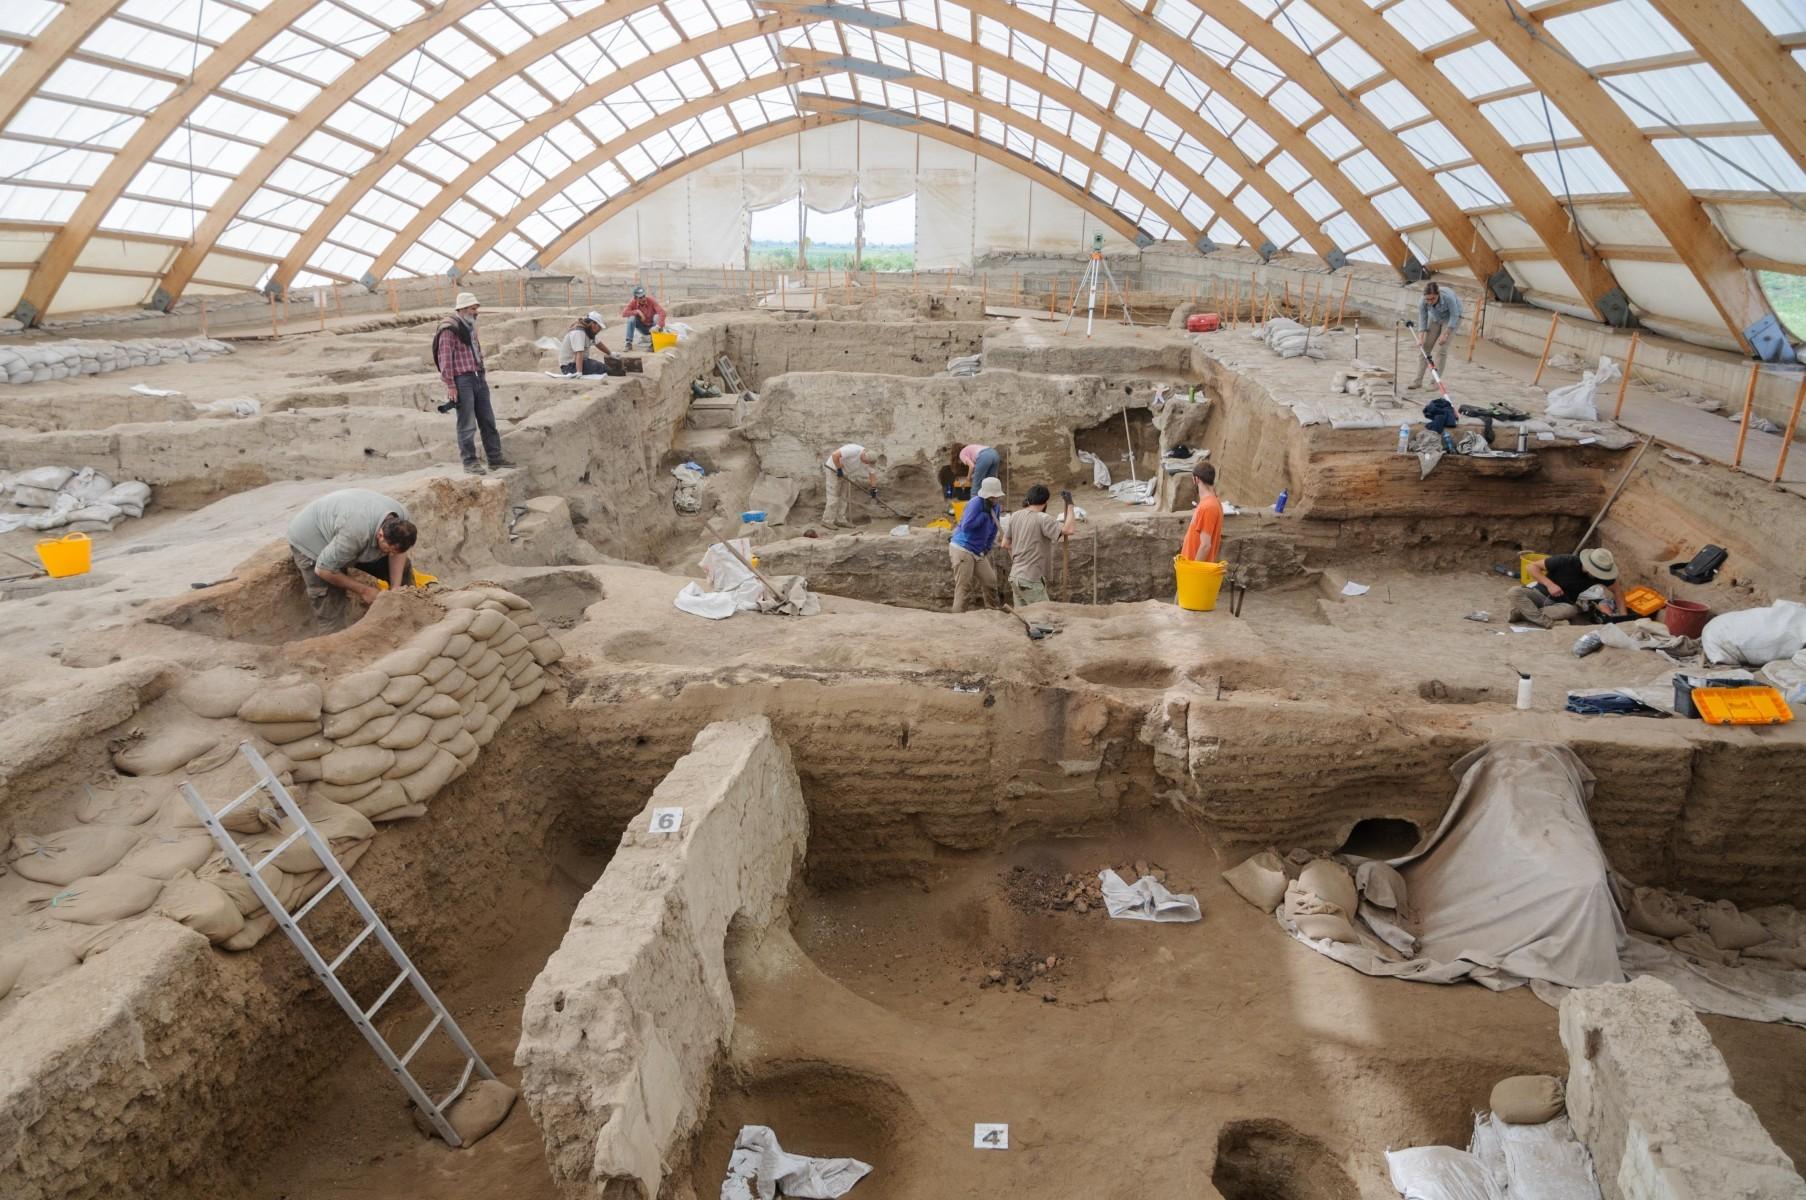 Уже 9 тысяч лет назад жители мегаполисов страдали от перенаселения, насилия и проблем с экологией